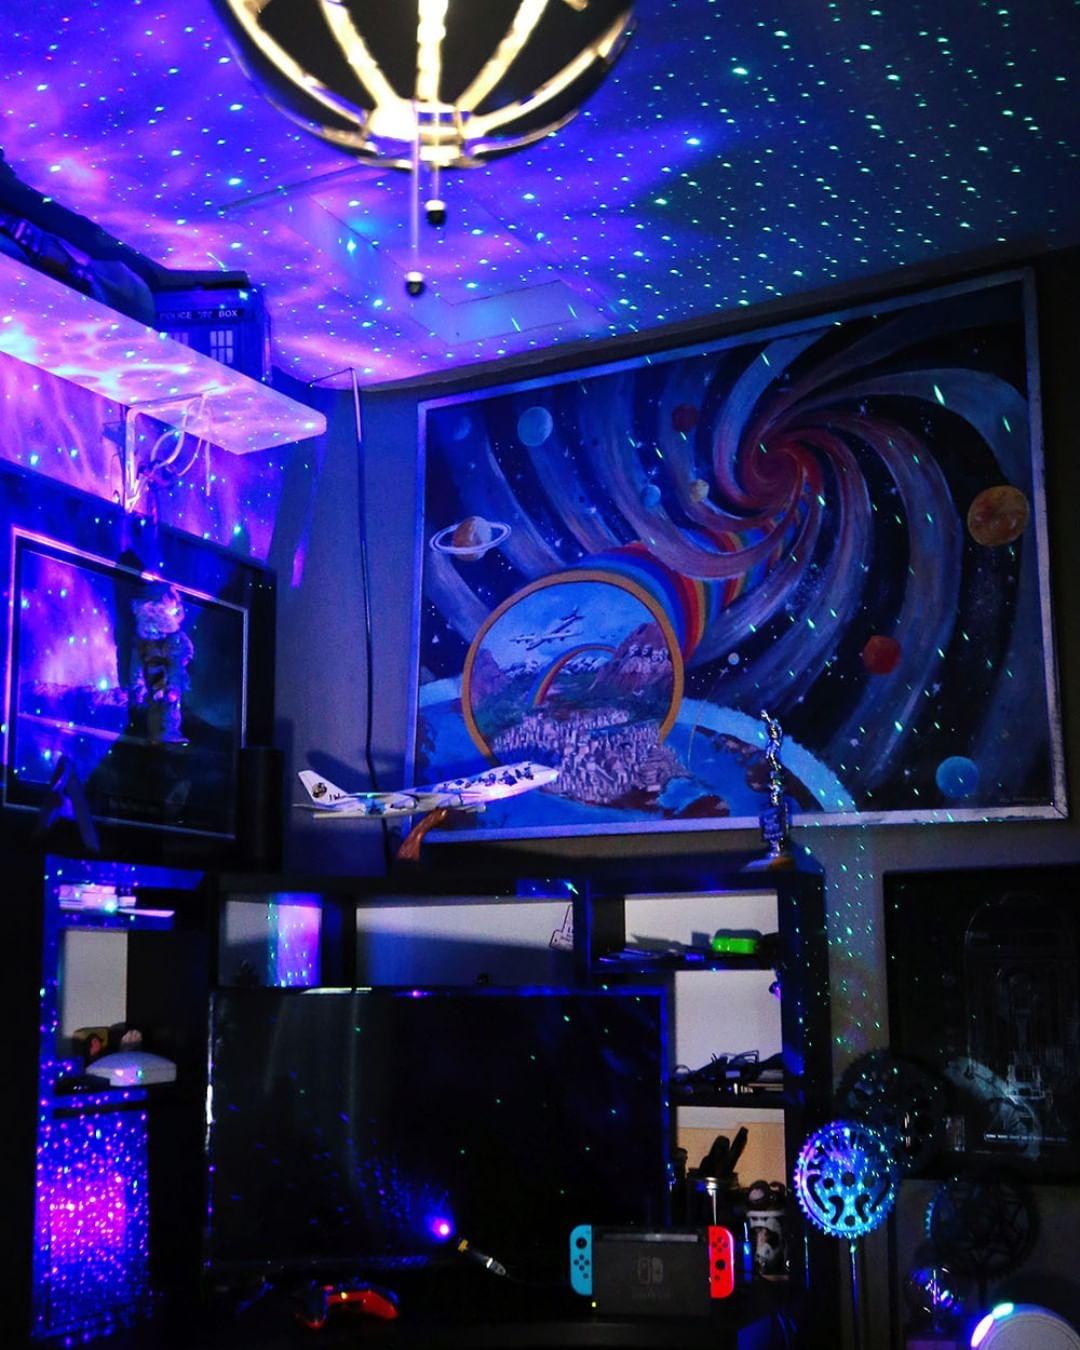 夢幻「星際夜燈」實際效果超驚人 把「整片銀河」帶進房間!